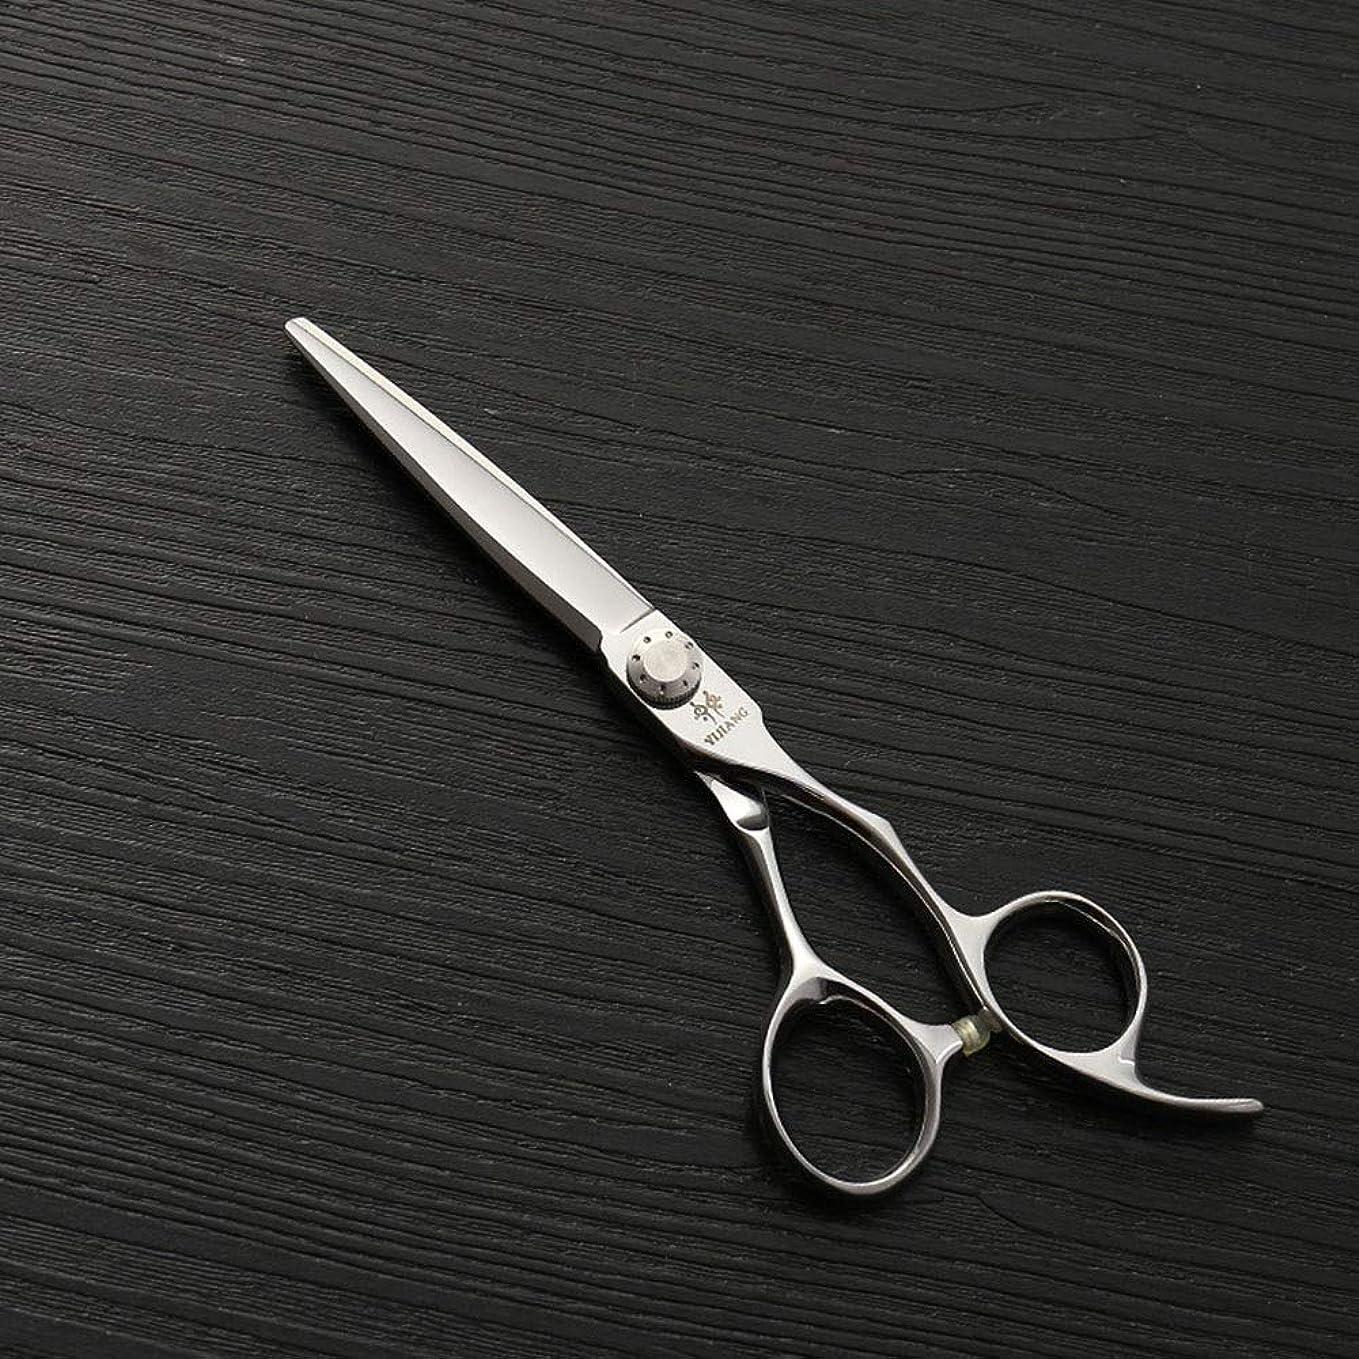 チラチラする全部必須440C新しいスタイルフラットせん断、6インチ美容院プロフェッショナルステンレススチール理髪ツール ヘアケア (色 : Silver)